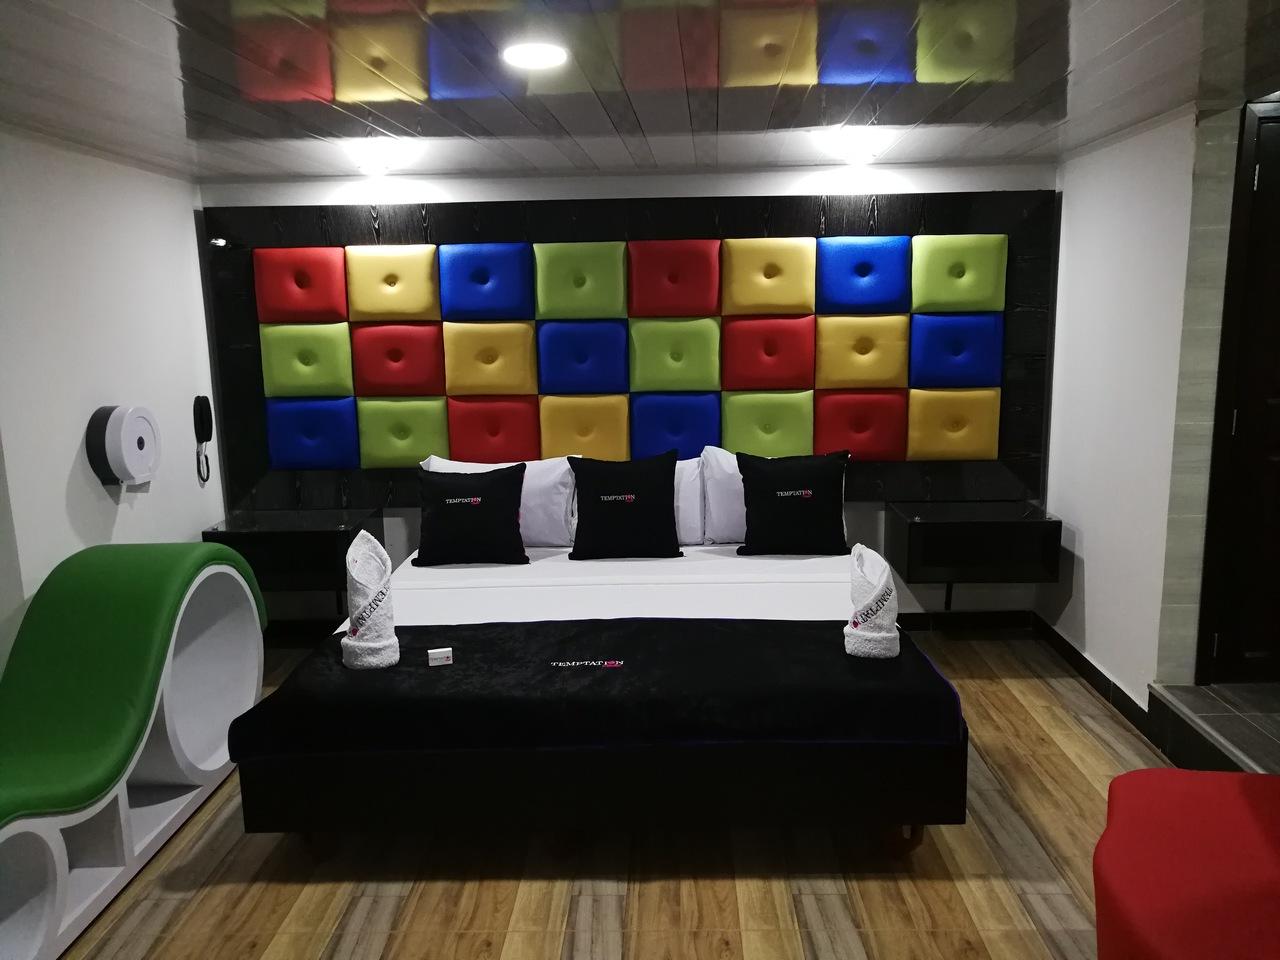 Habitación Suite Temptation en Temptation Motel : MotelNow